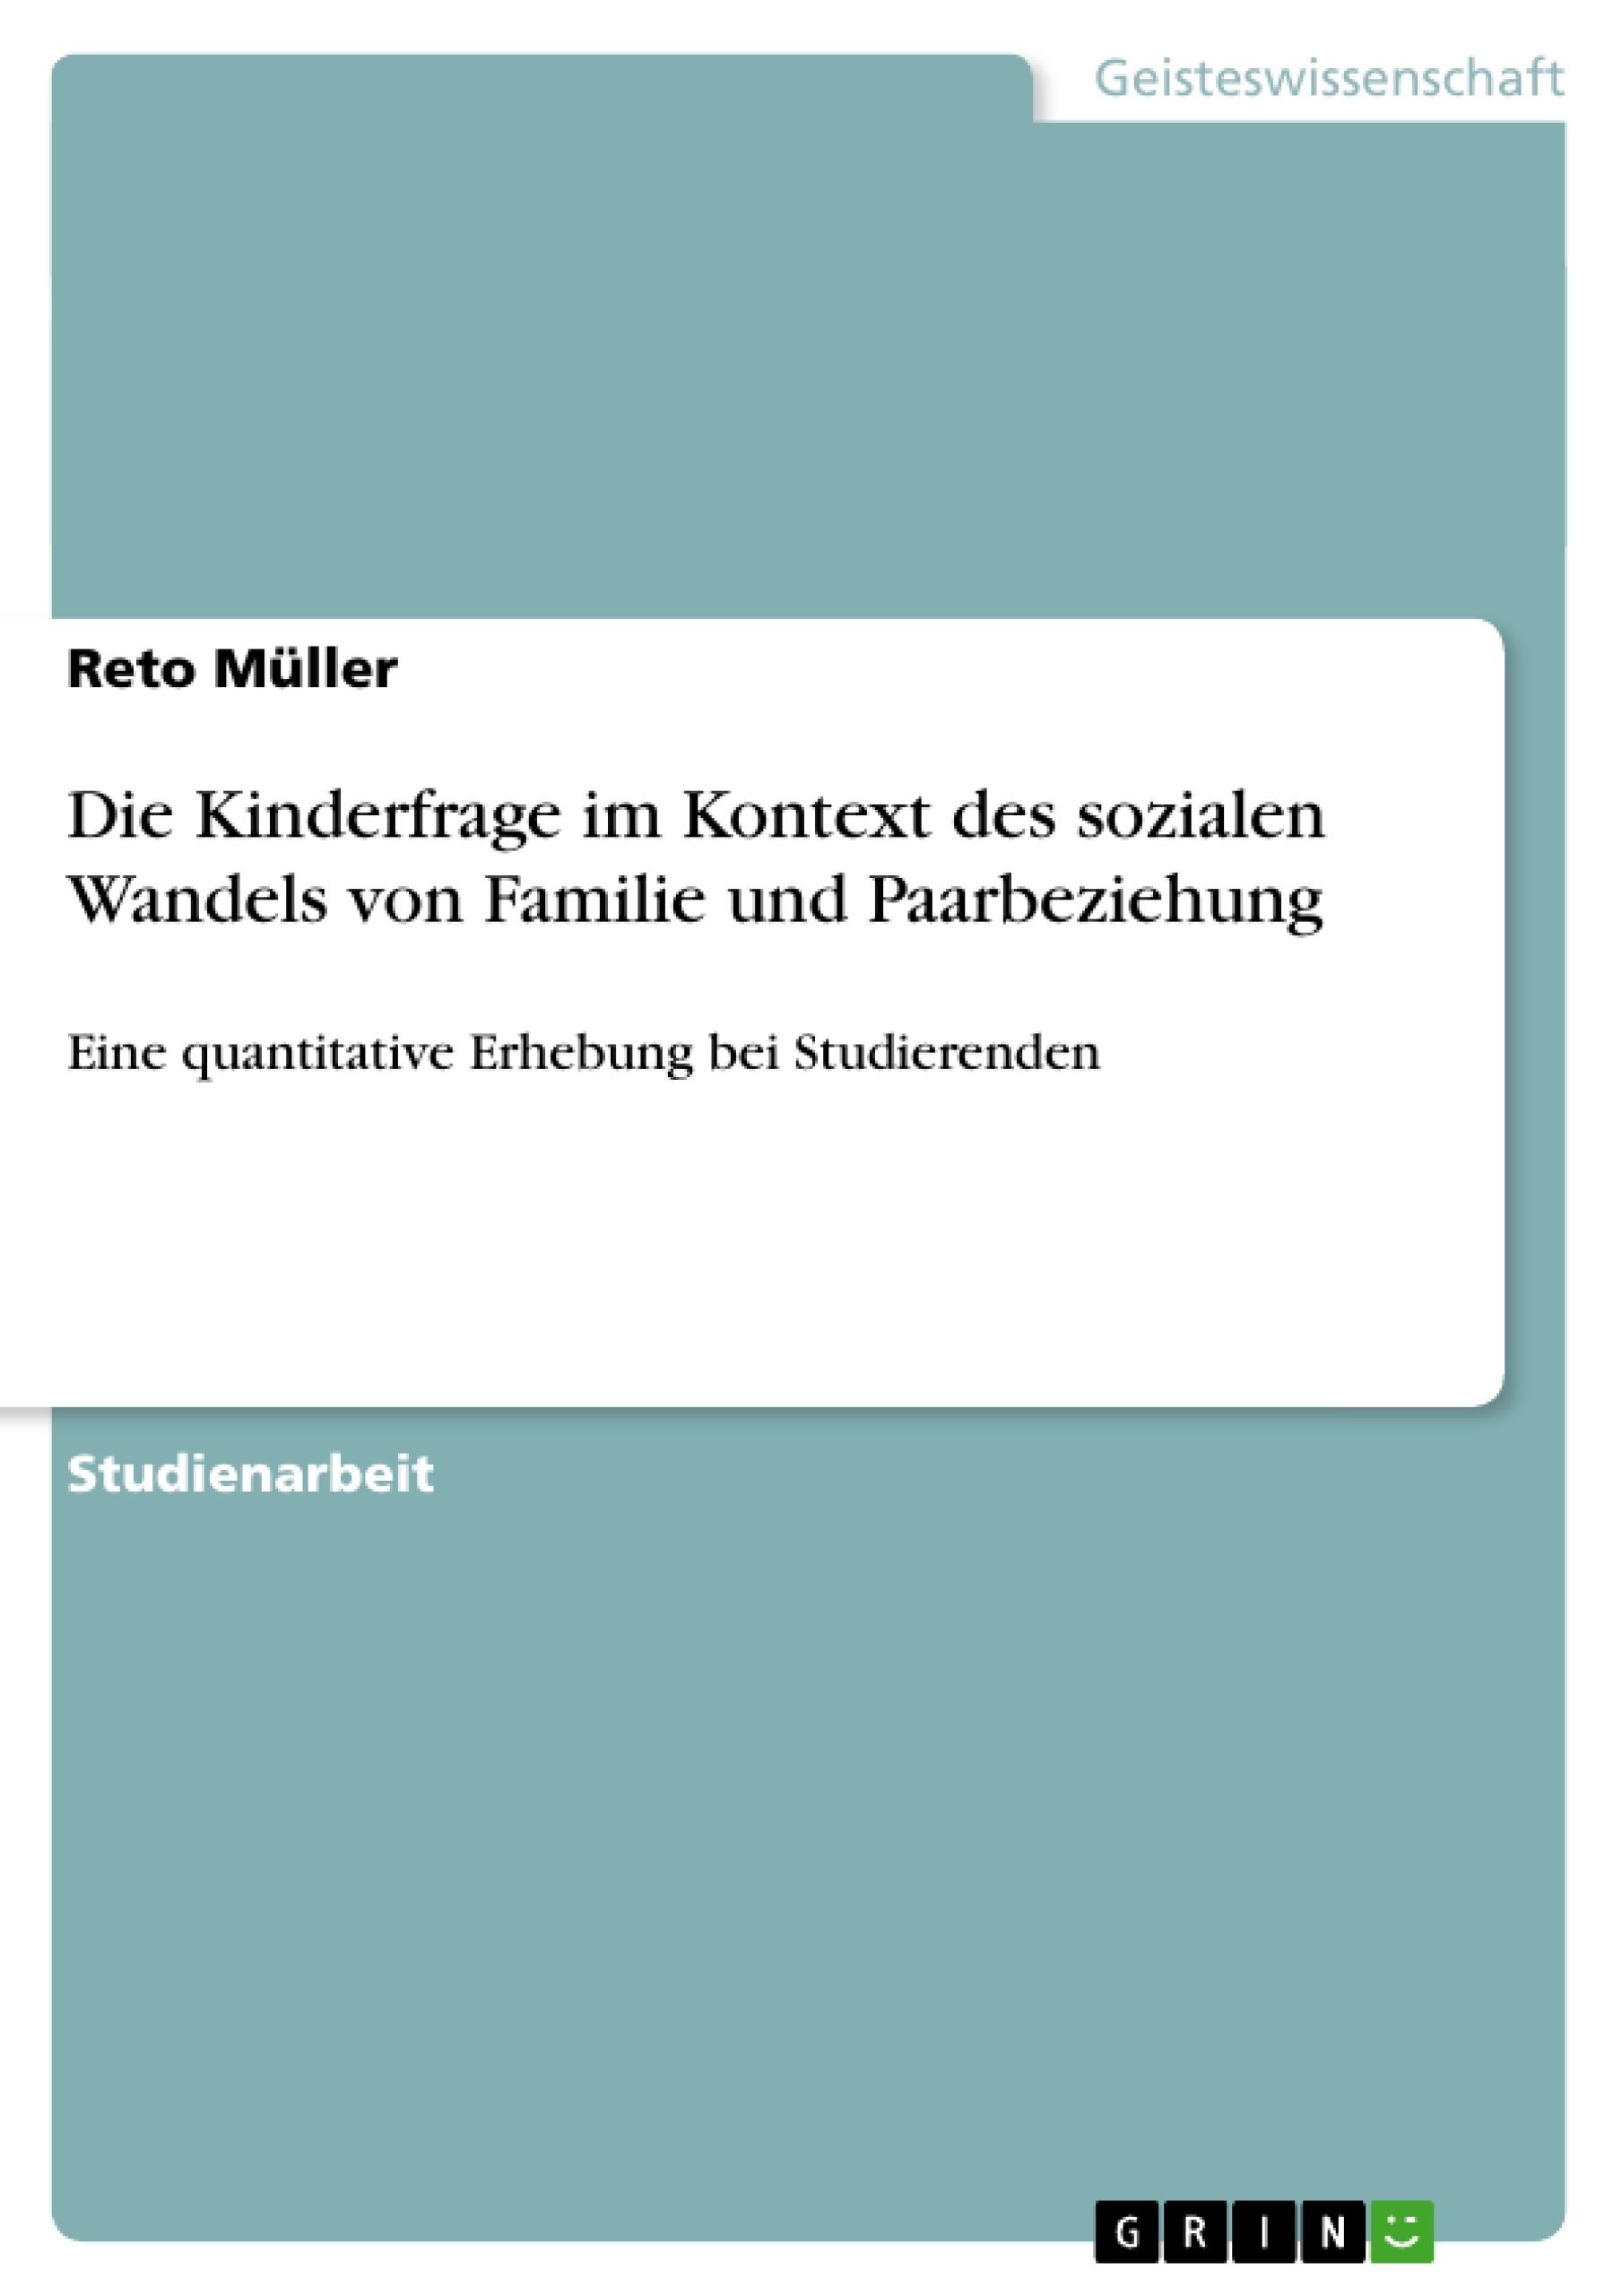 Titel: Die Kinderfrage im Kontext des sozialen Wandels von Familie und Paarbeziehung